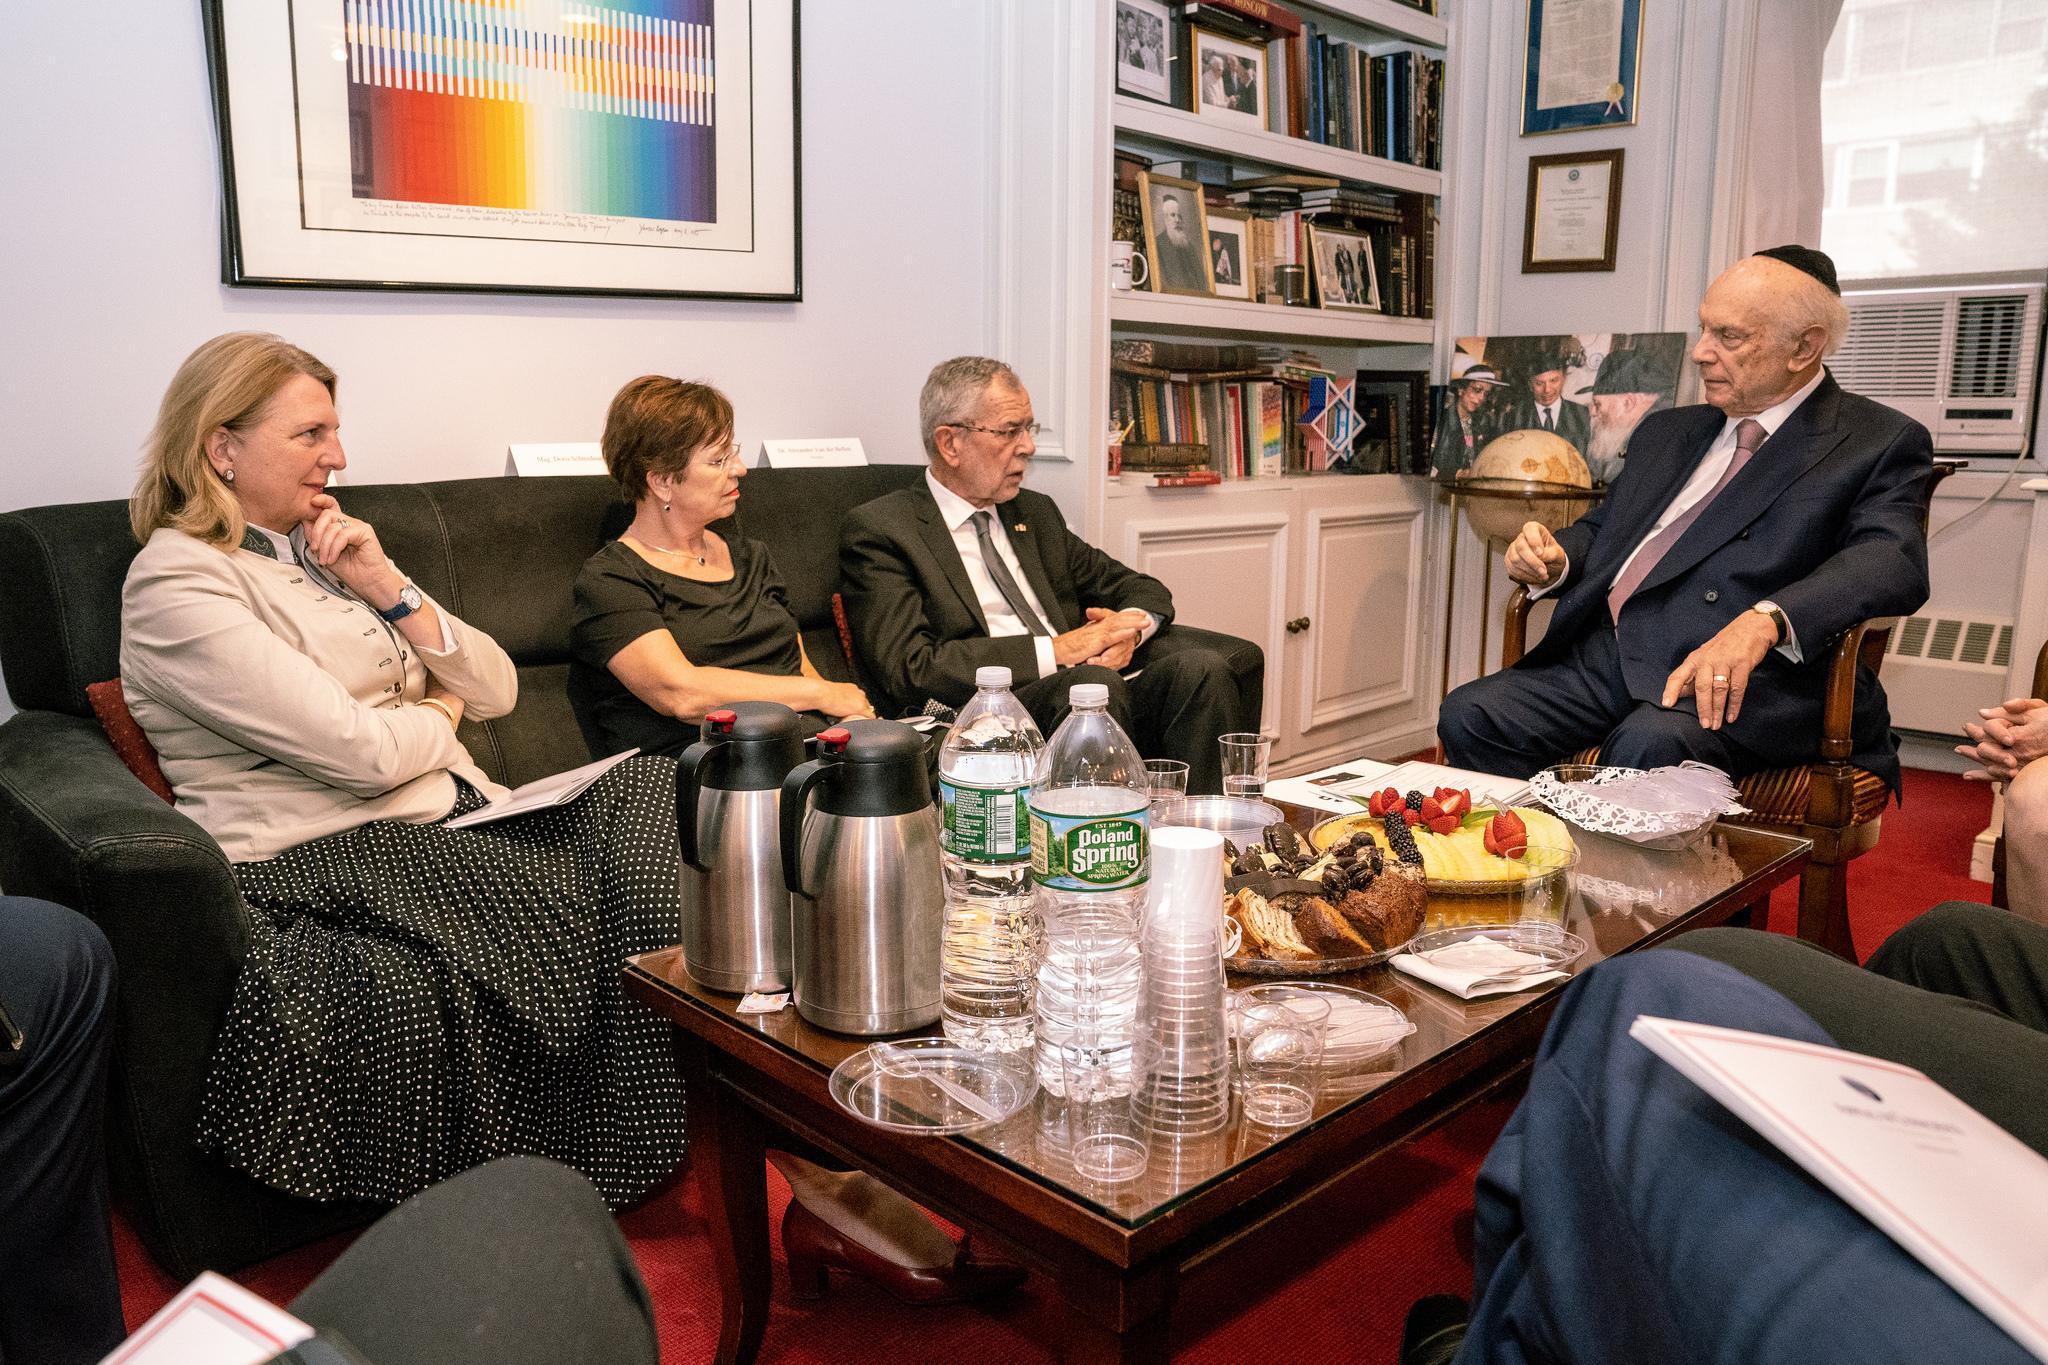 Foreign Minister Karin Kneissl and Federal President Alexander Van der Bellen meet with Rabbi Arthur Schneier (c) Austrian Ministry of Foreign Affairs